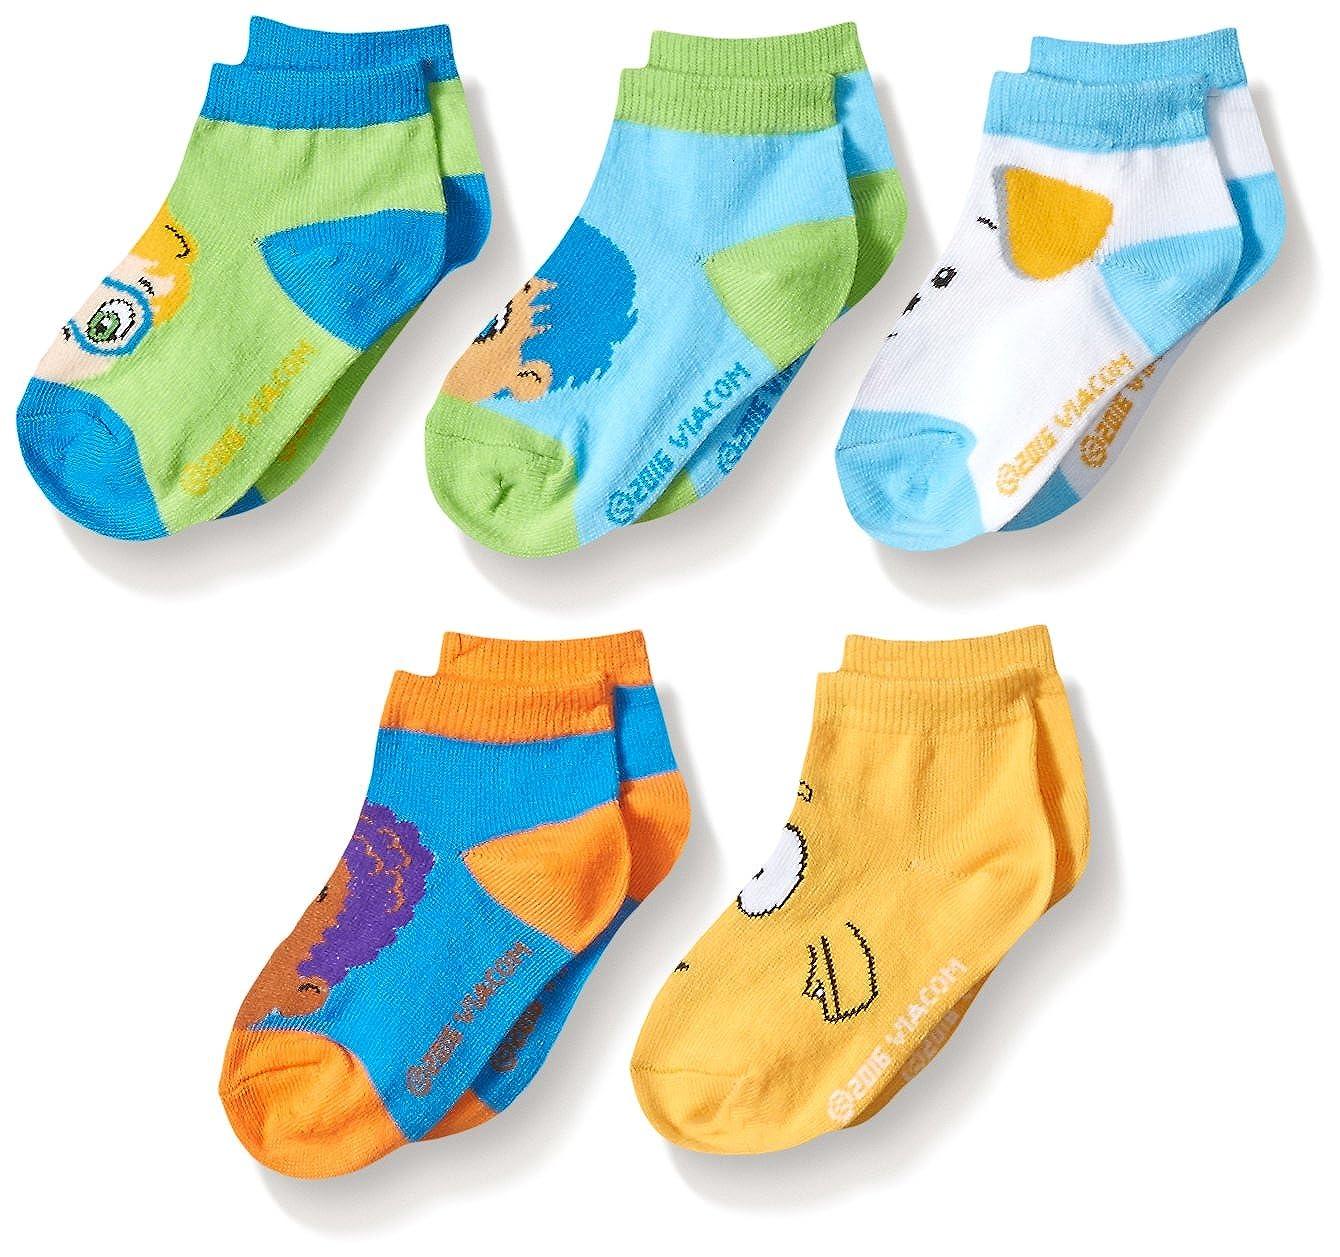 Nickelodeon Little Boys' 5 Pack Socks 740151